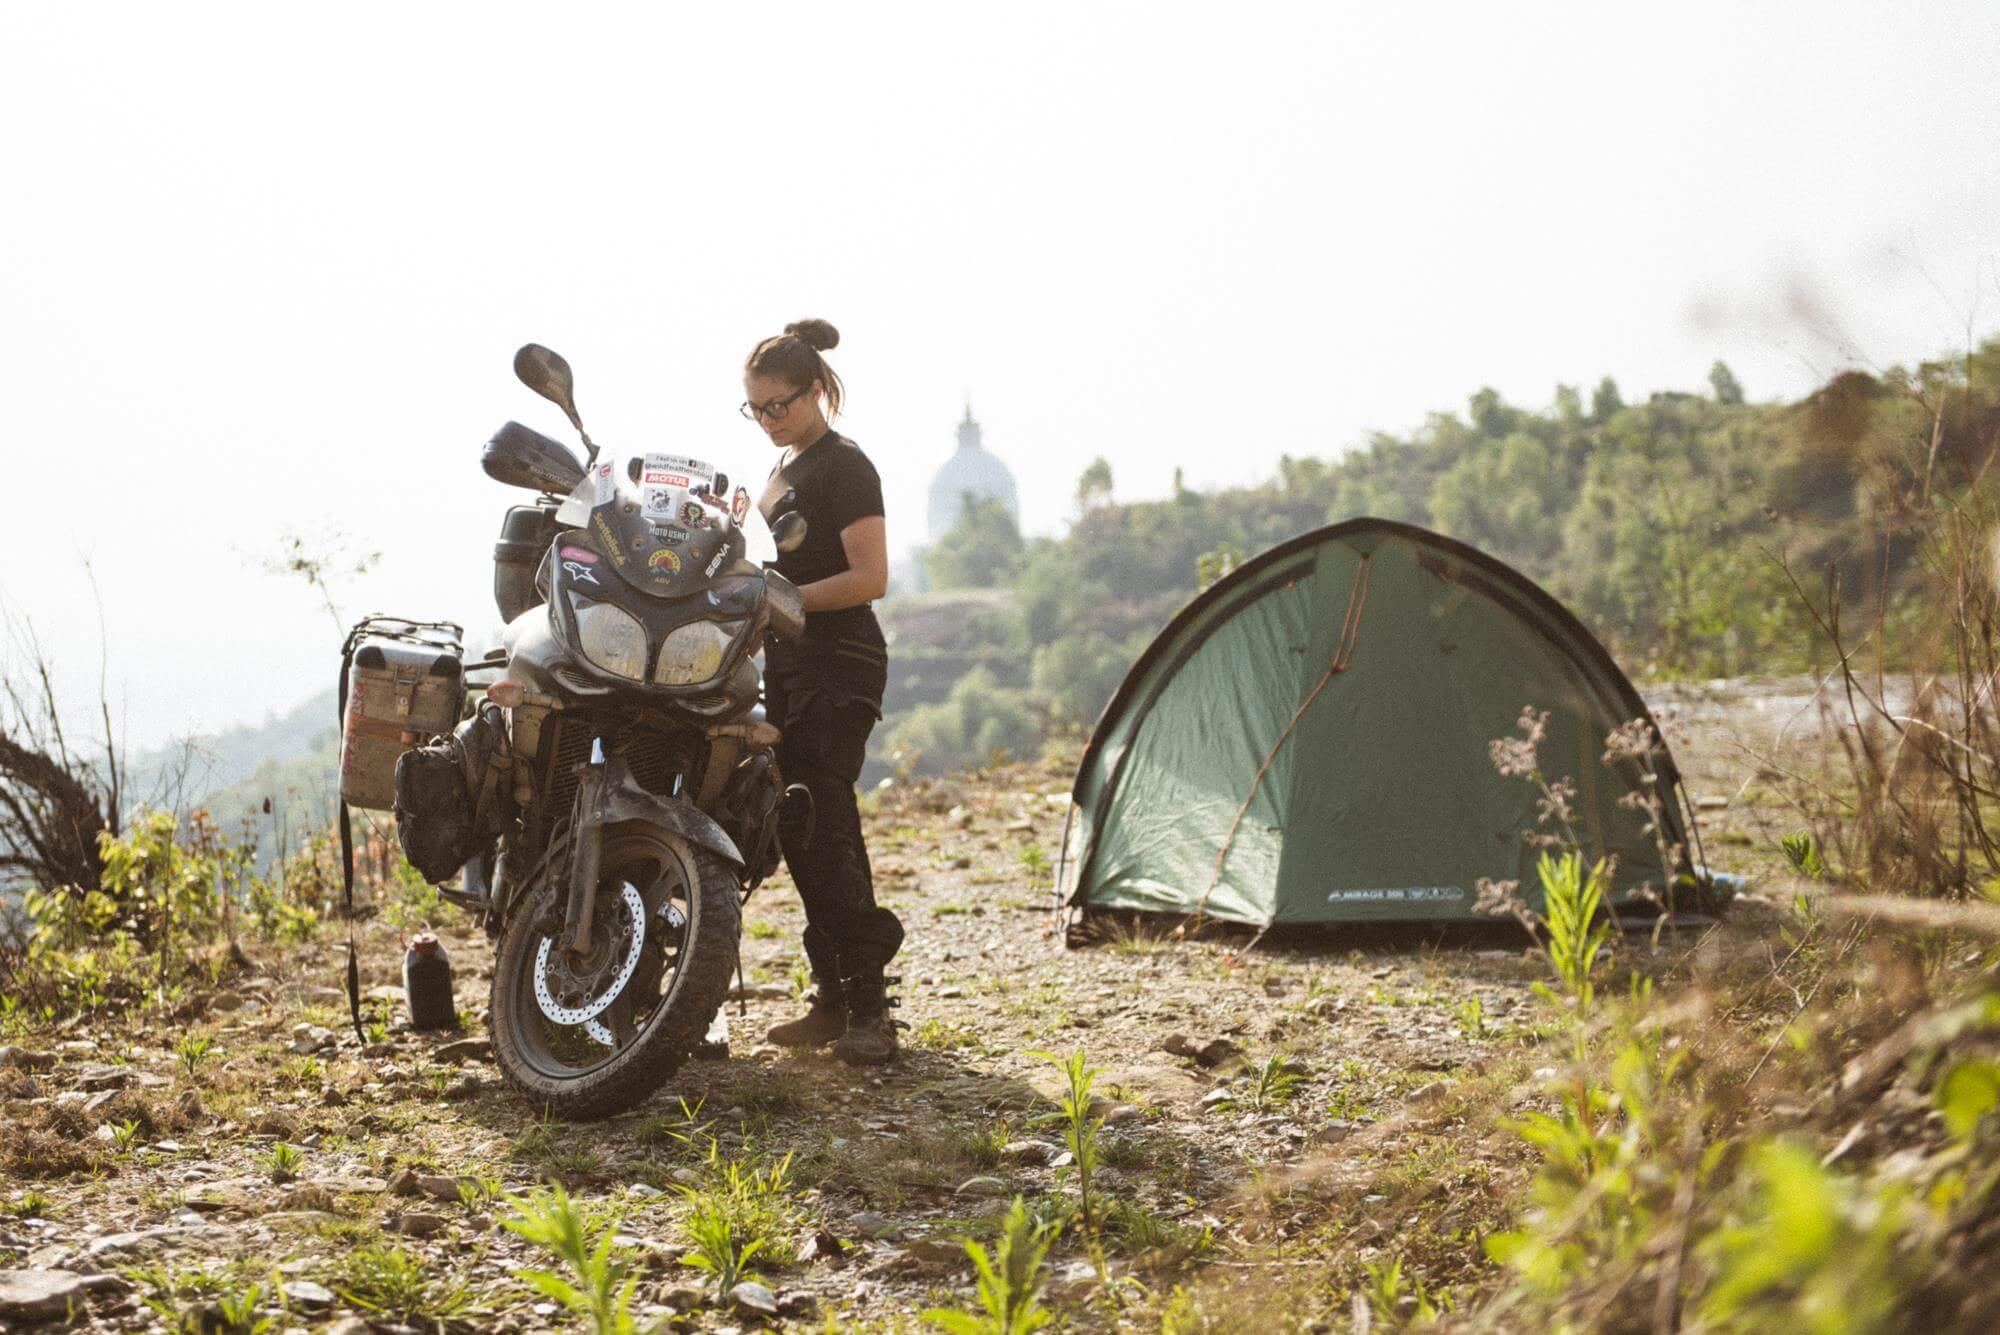 posado de acampada - wildfeathers